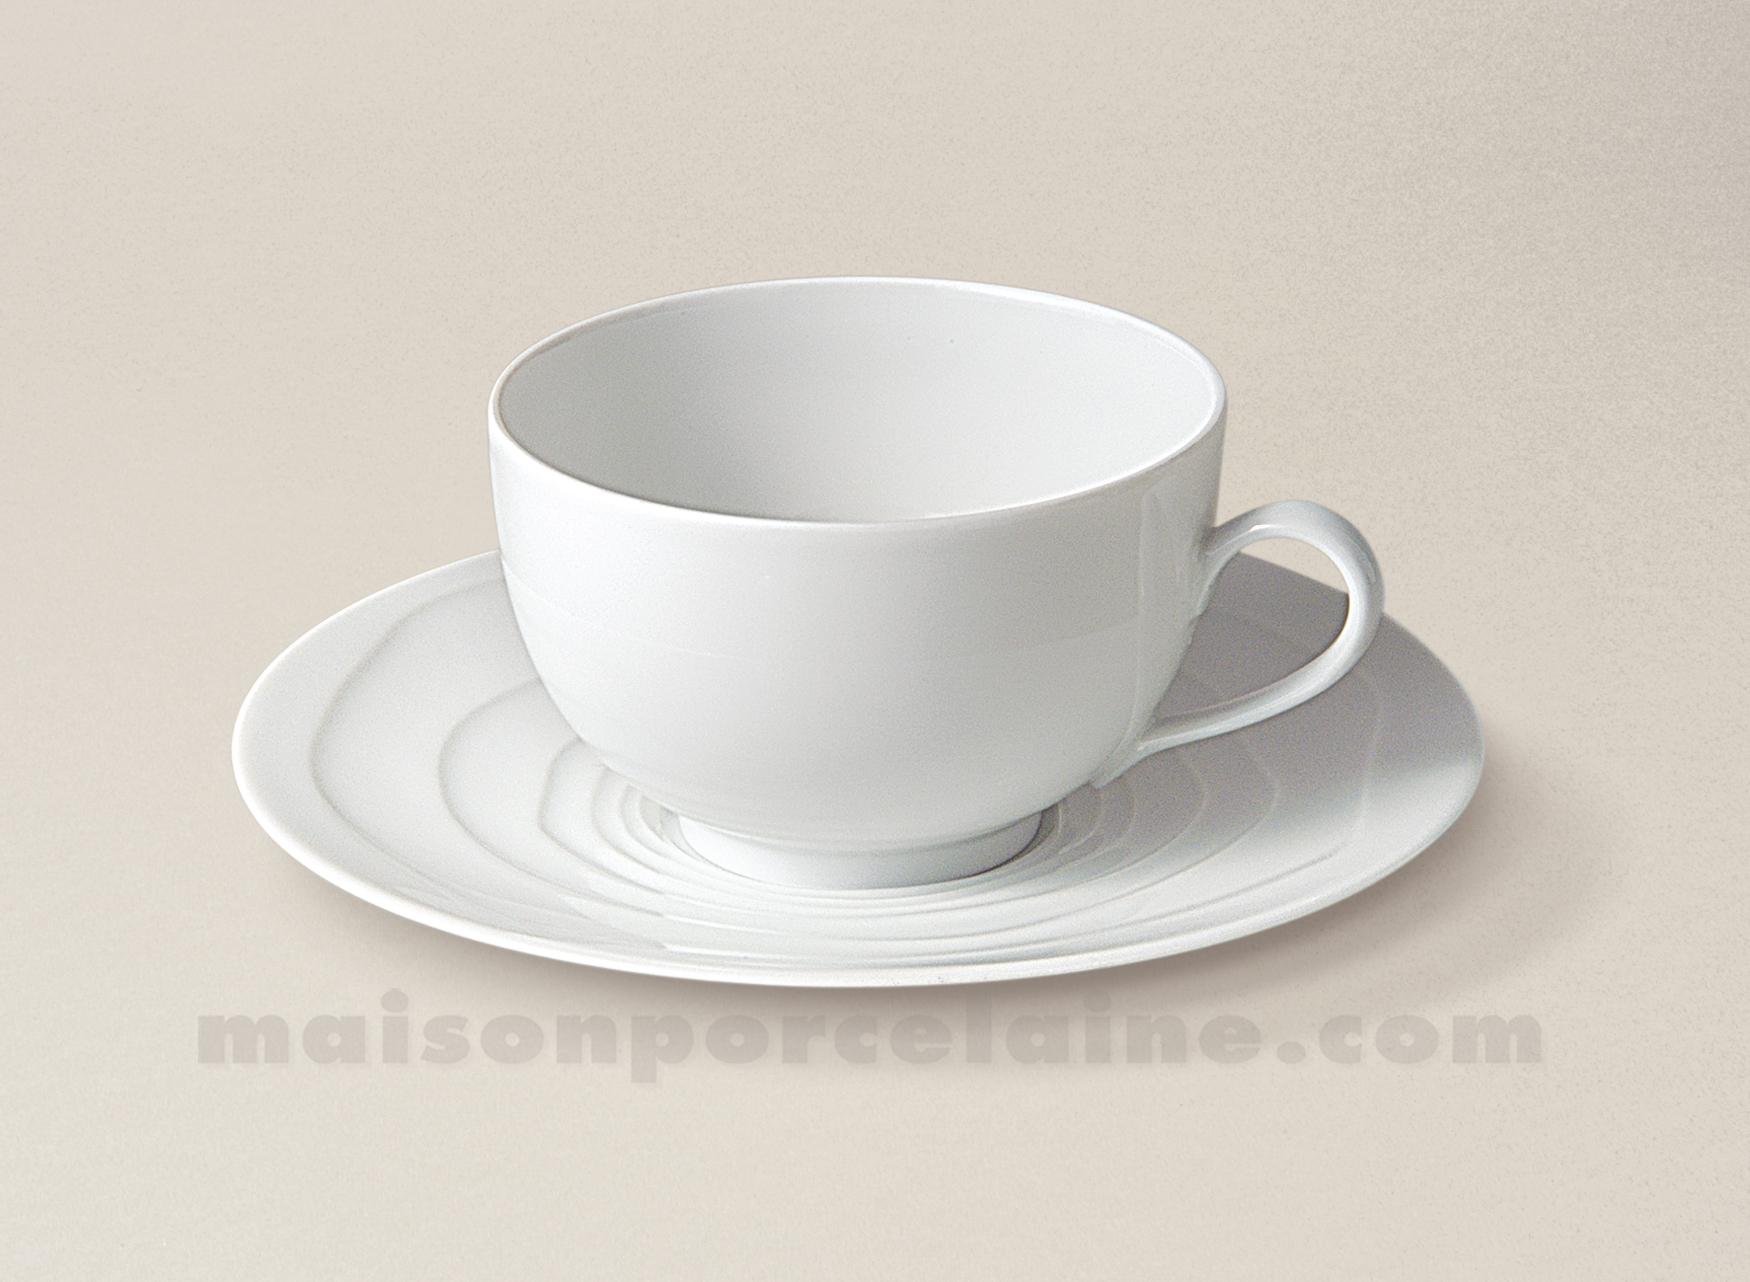 Tasse the soucoupe porcelaine blanche onde gravee 24cl for Maison de la porcelaine